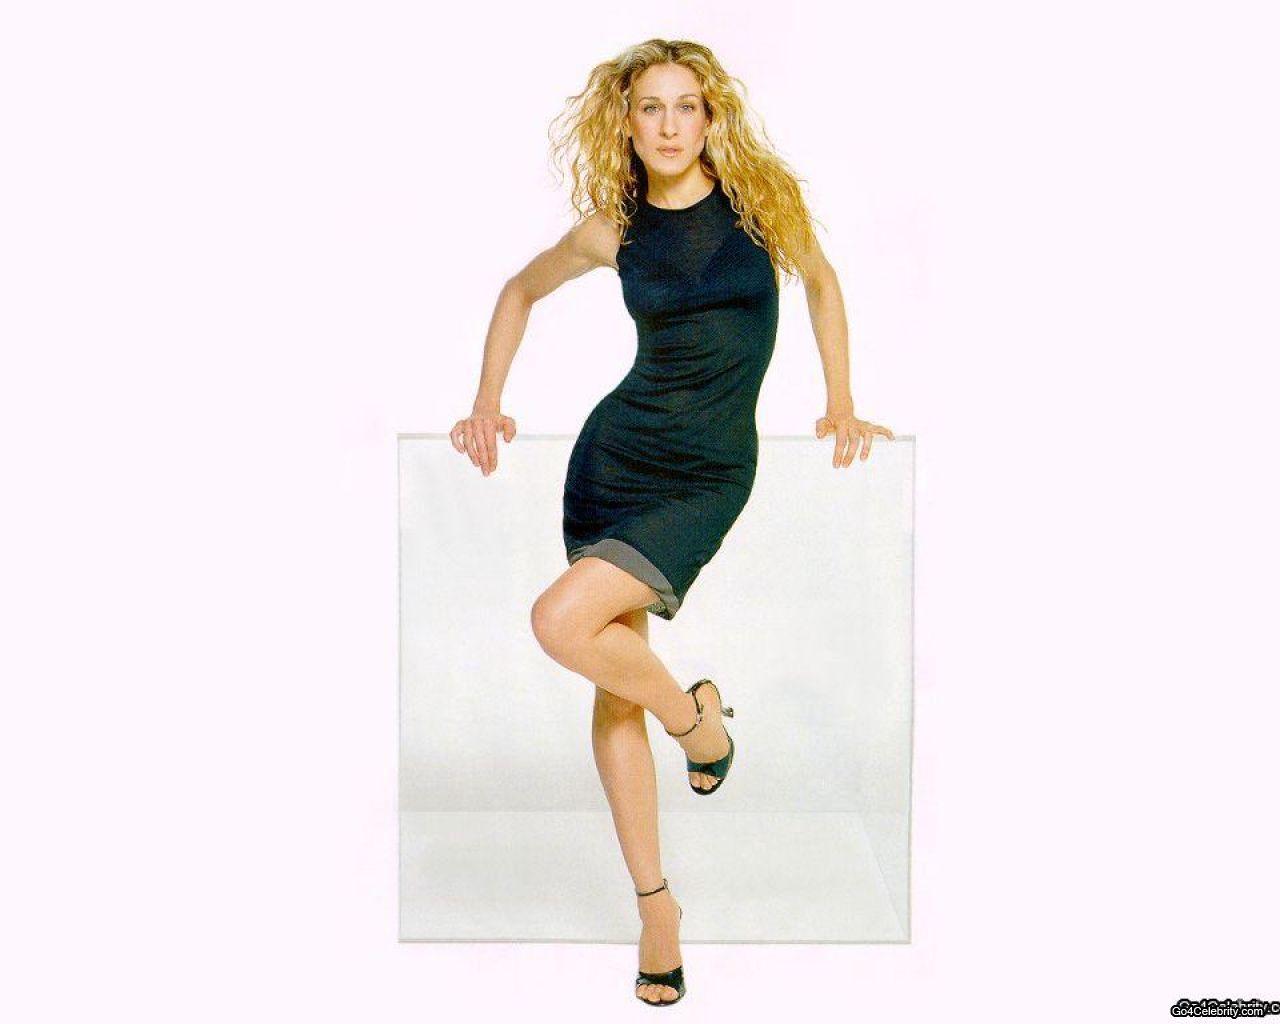 http://1.bp.blogspot.com/_BpAoKRSdVjQ/TJjojx_v3WI/AAAAAAAABmg/tPPHv1x1JRM/s1600/Sarah-Jessica-Parker-hot.jpg